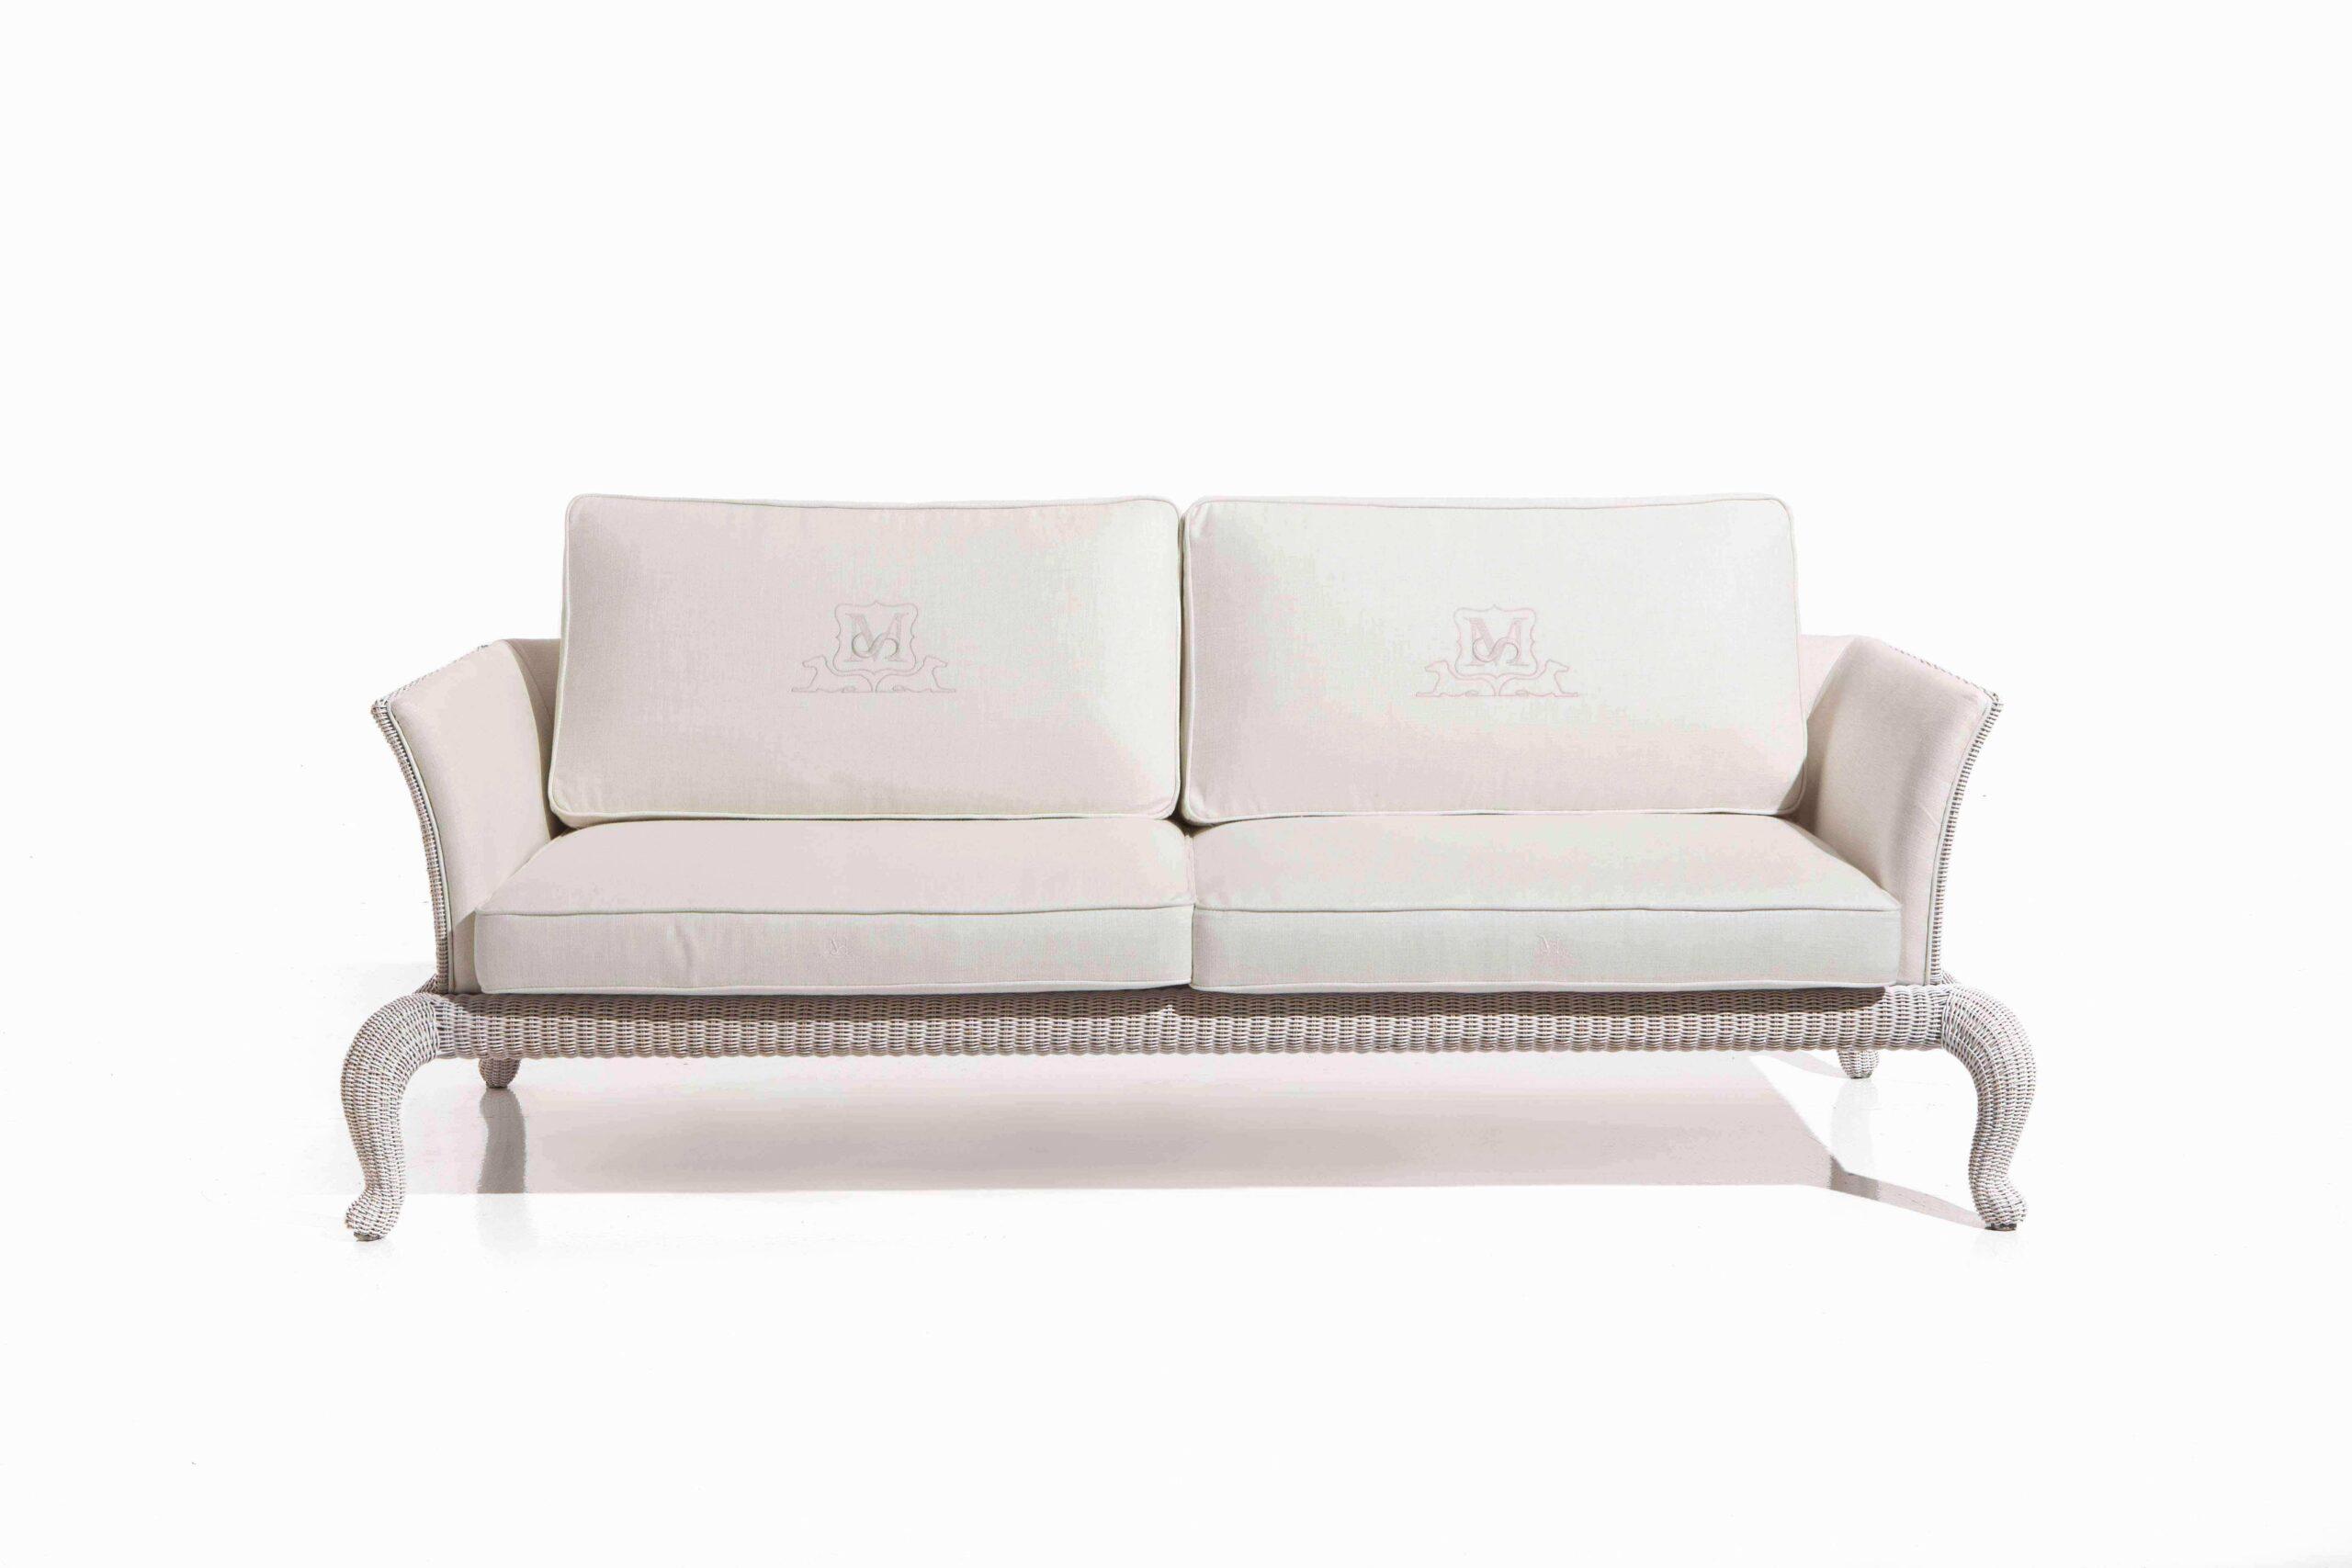 Full Size of Relax Liegestuhl Wohnzimmer Designer Ikea Relaxliege Verstellbar Luxus Liege Tapete Decken Deckenleuchten Tapeten Ideen Vorhang Stehlampe Led Lampen Wandtattoo Wohnzimmer Wohnzimmer Liegestuhl